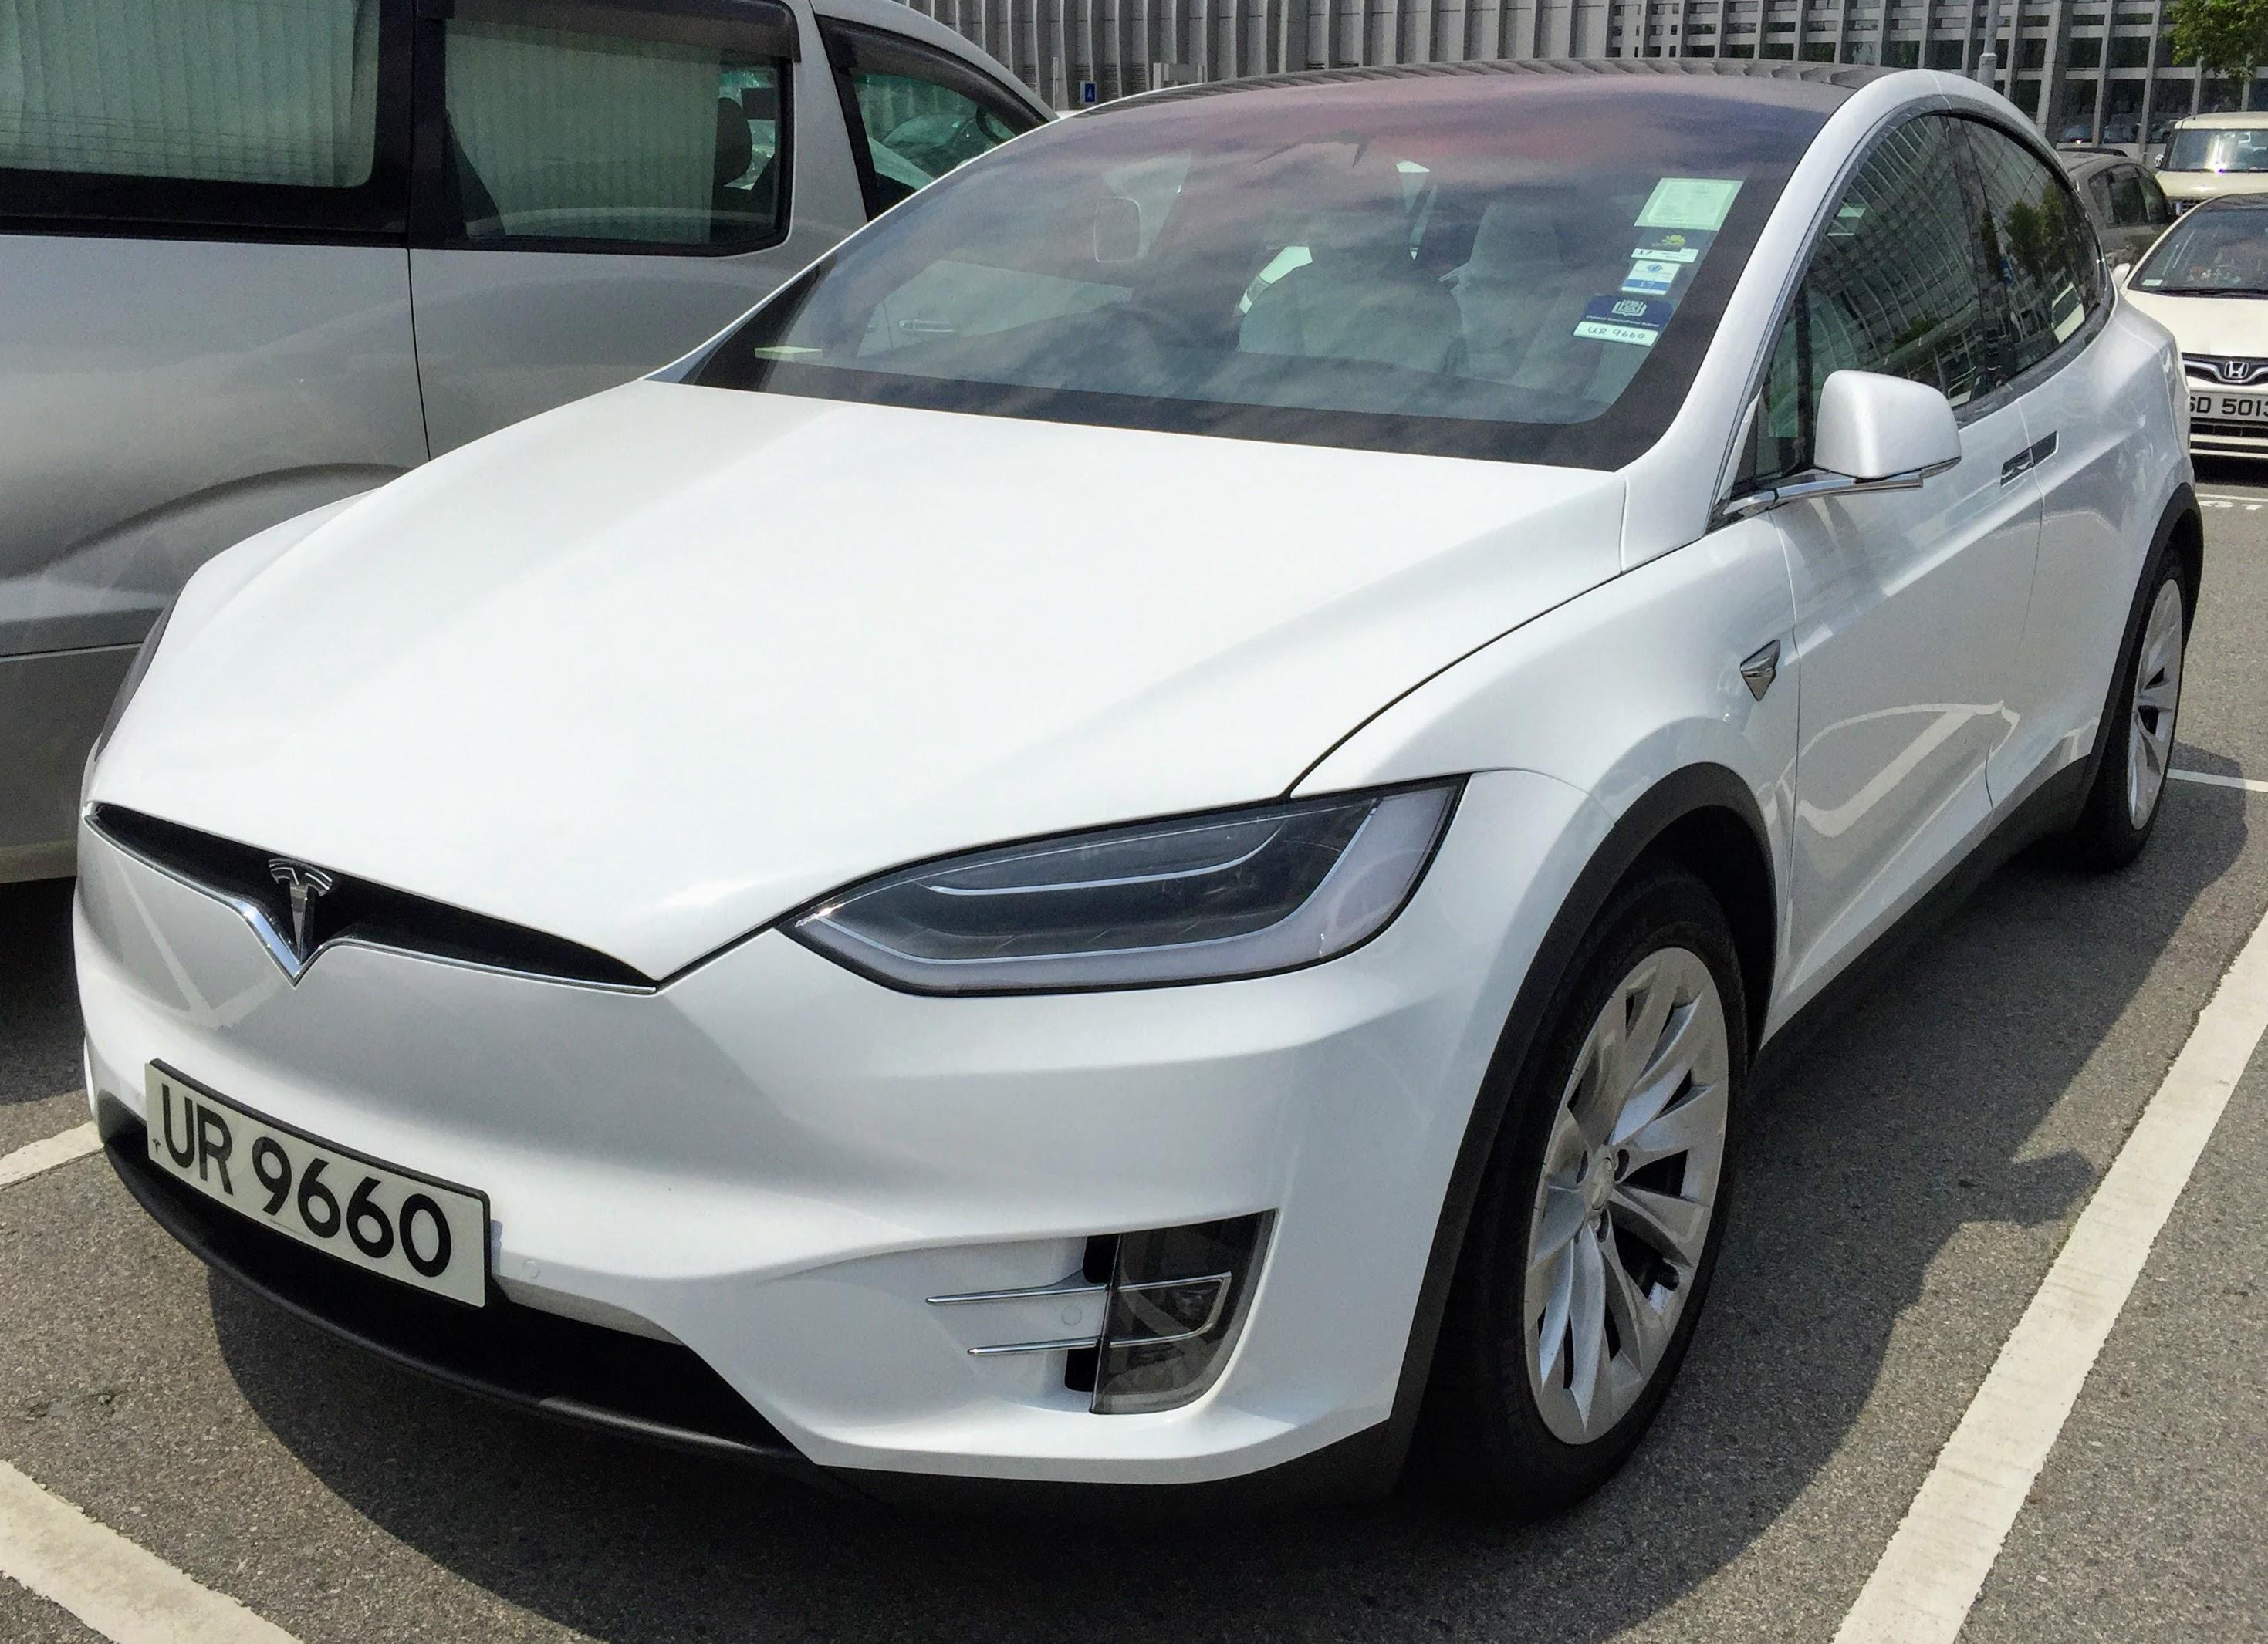 Tesla Model Y Wikipedia: File:White Tesla Model X 2016.jpg